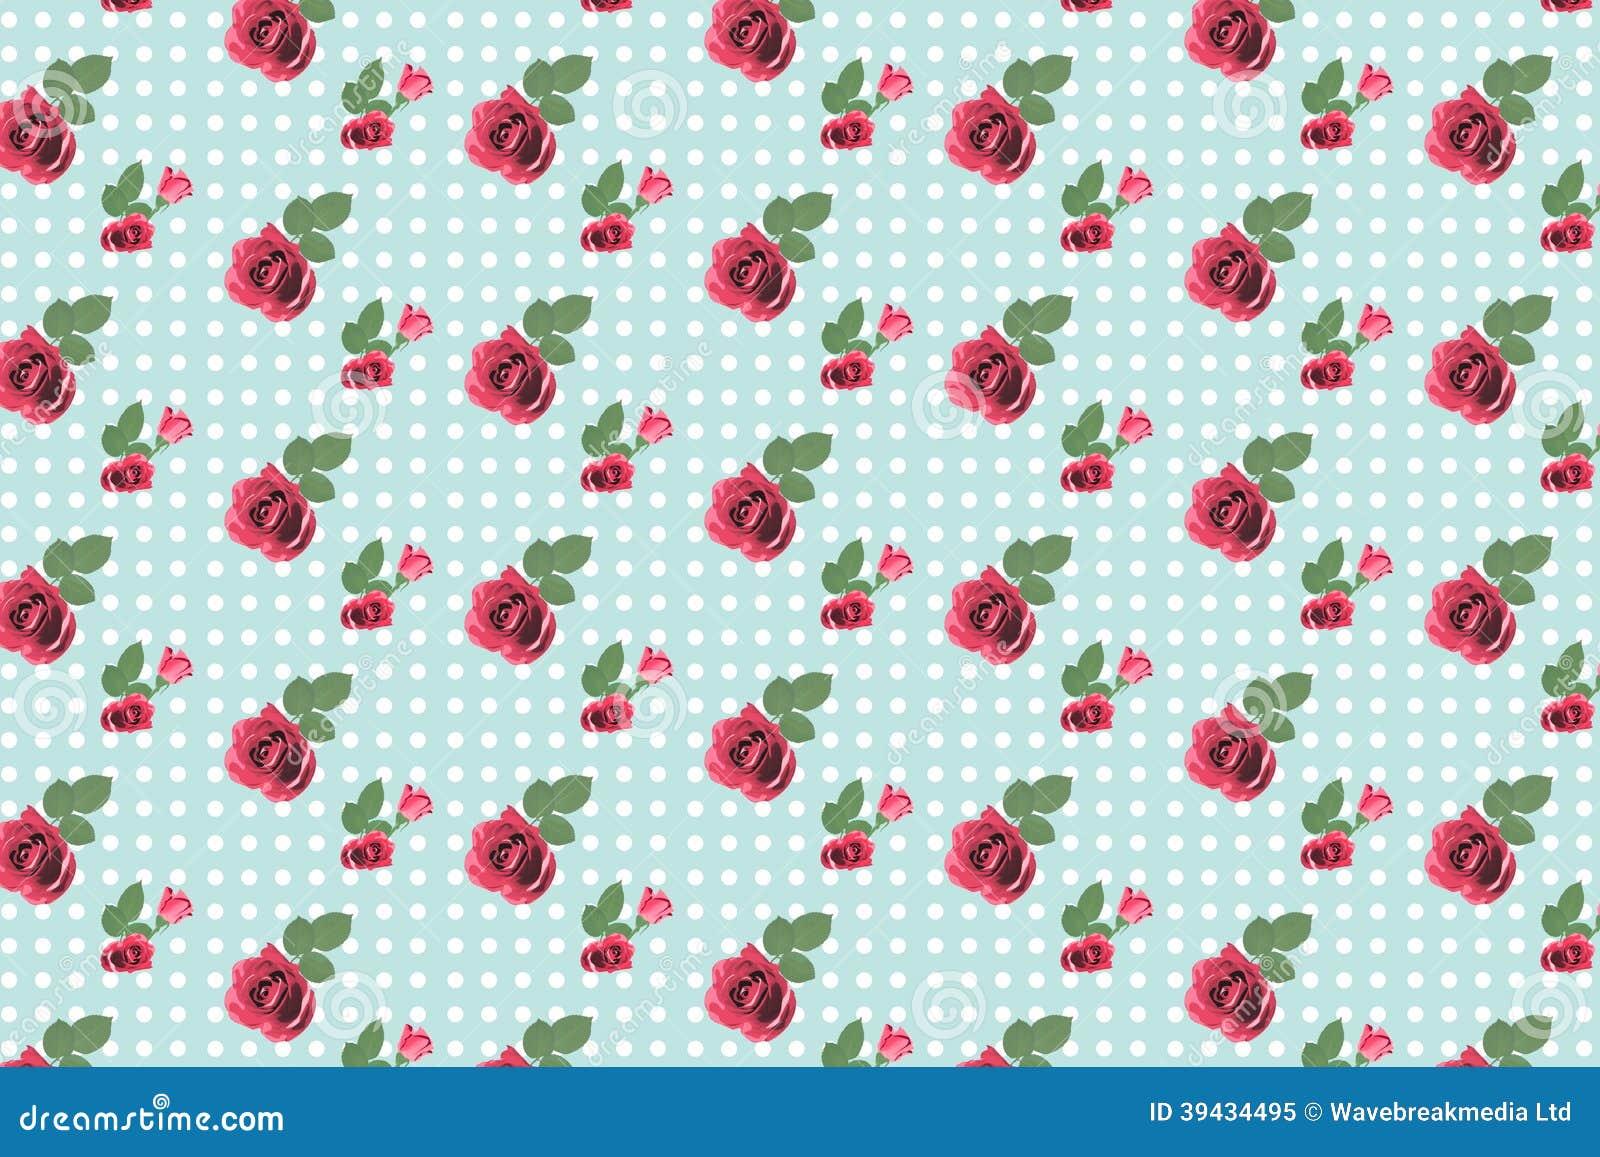 Behang van het kitsch het bloemenpatroon met rozen stock illustratie afbeelding 39434495 - Behang grafisch ontwerp ...